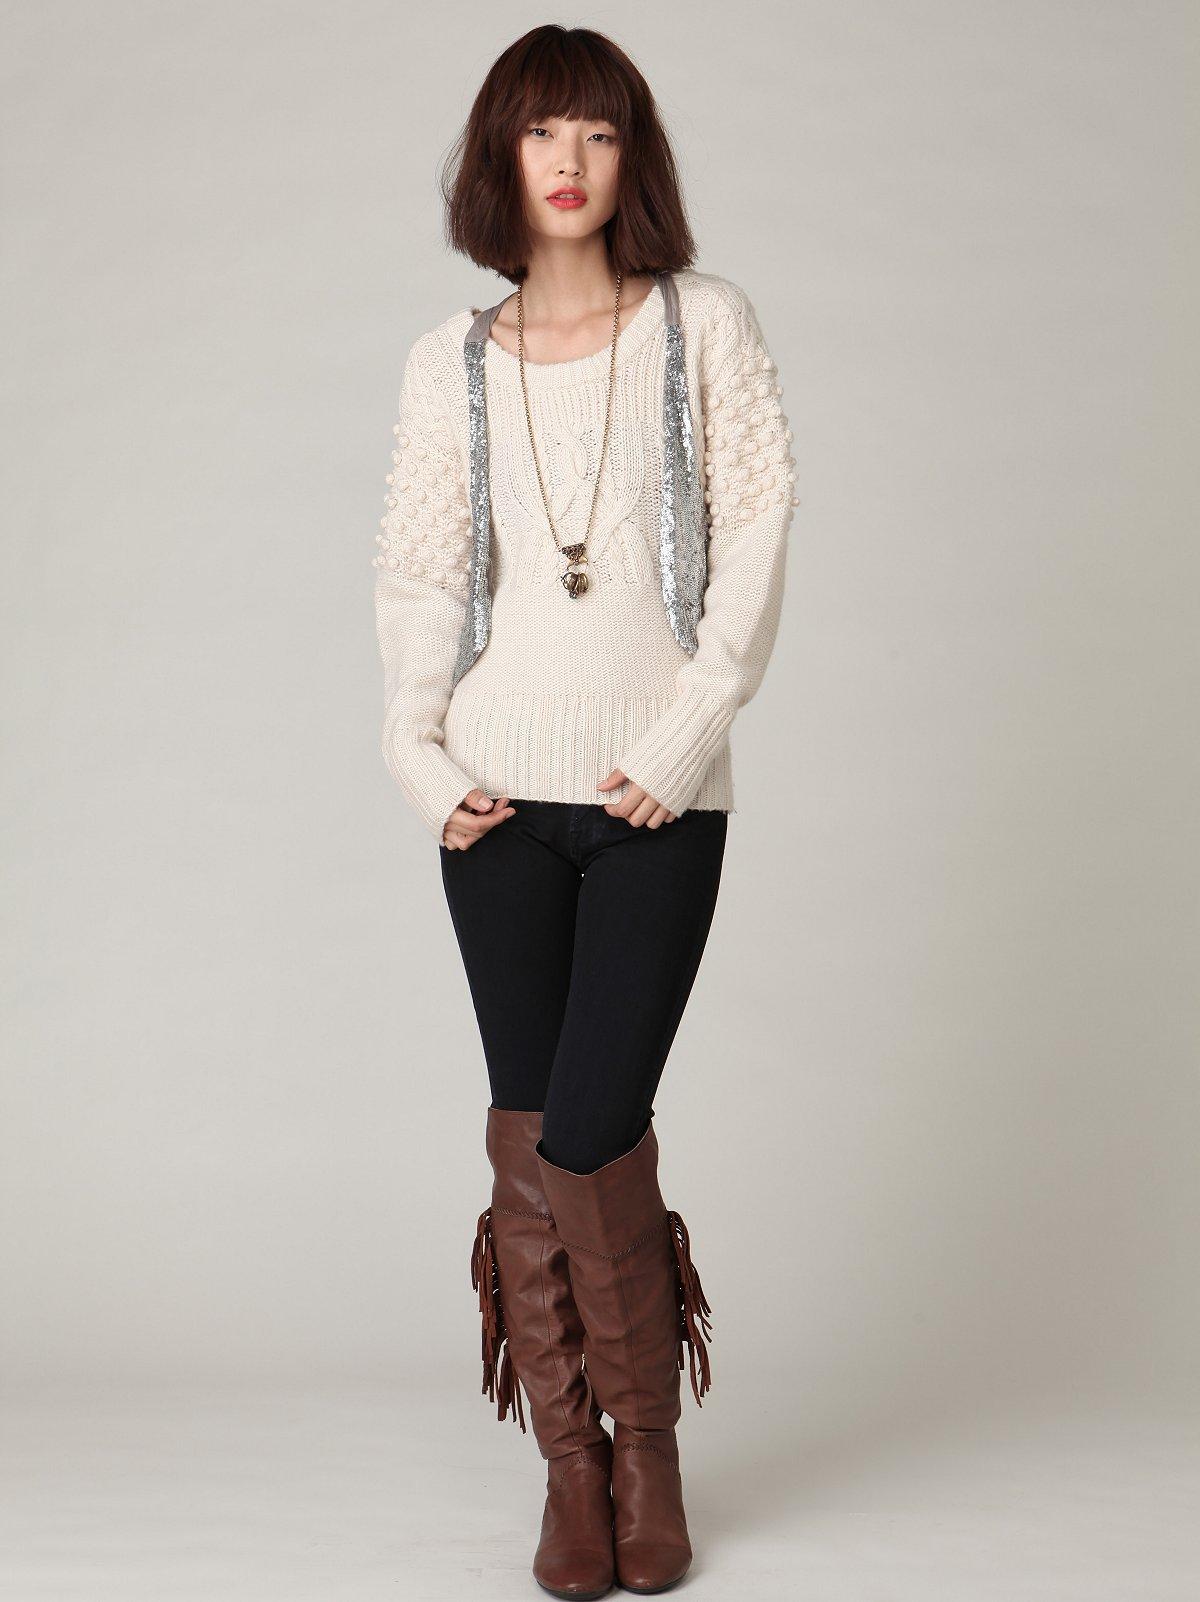 Genetic Twig Cigarette Knit Jean